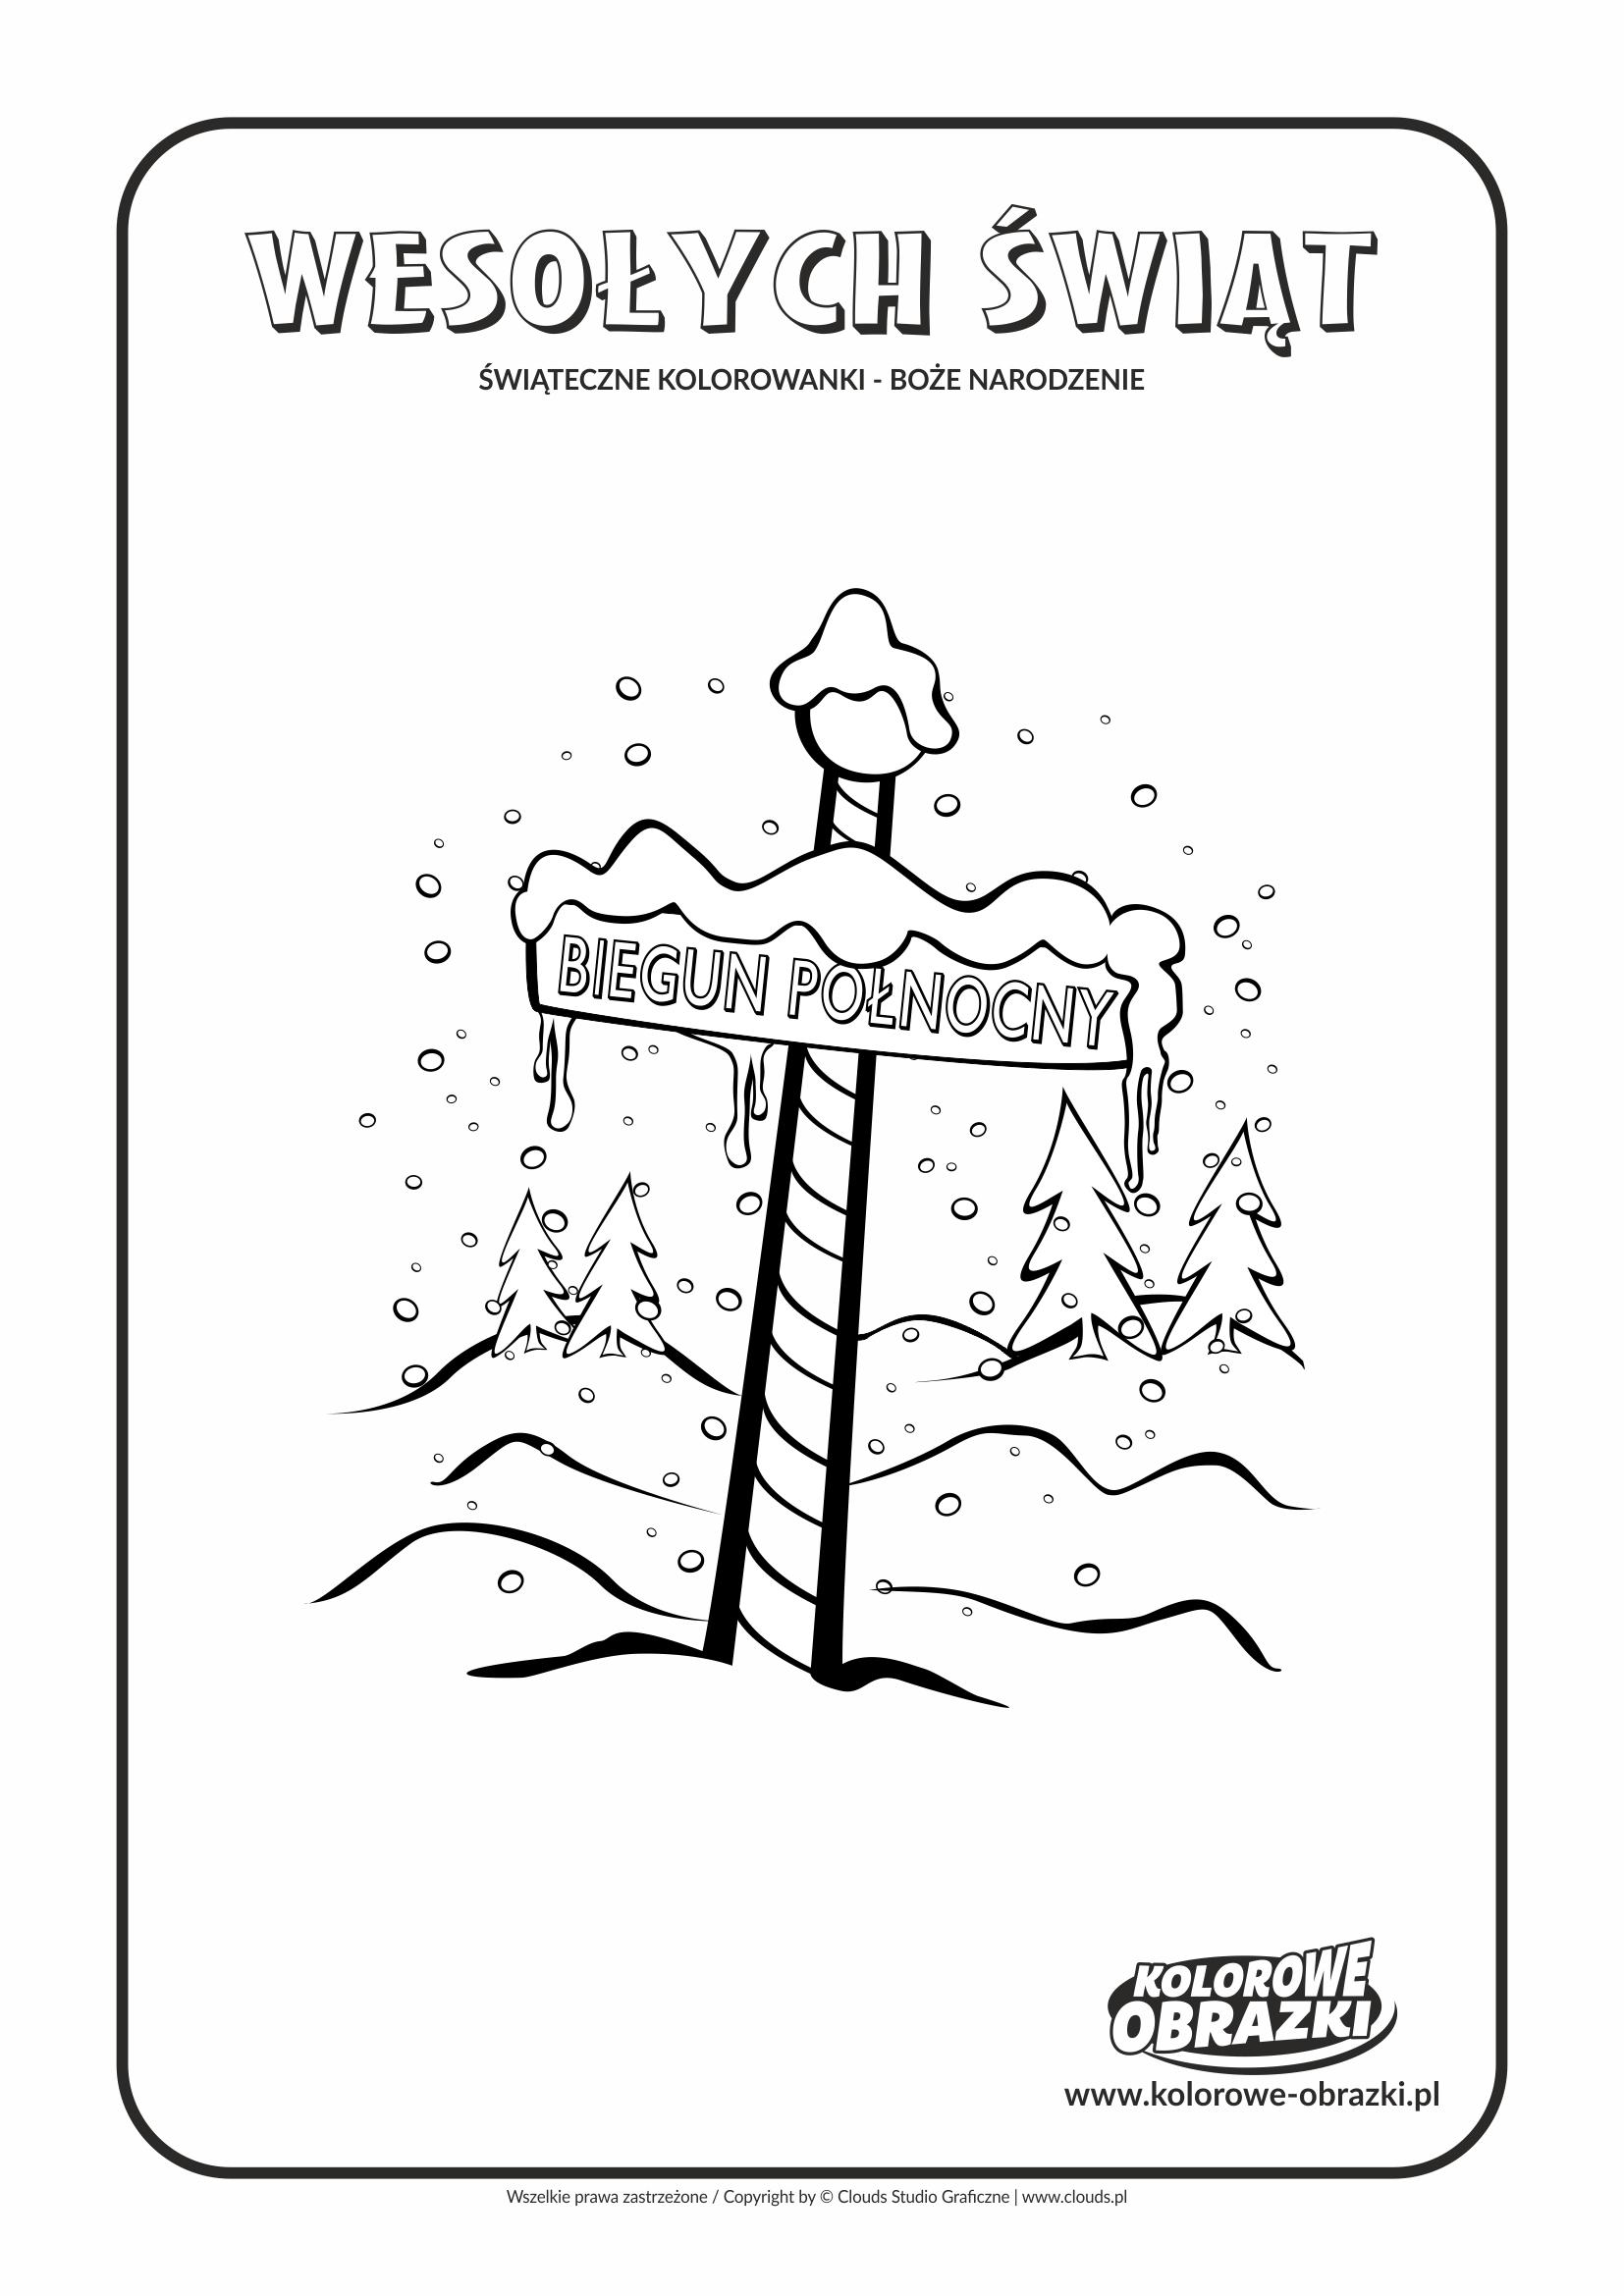 Kolorowanki dla dzieci - Święta / Boże Narodzenie - Biegun Północny 2. Kolorowanka z Bożym Narodzeniem